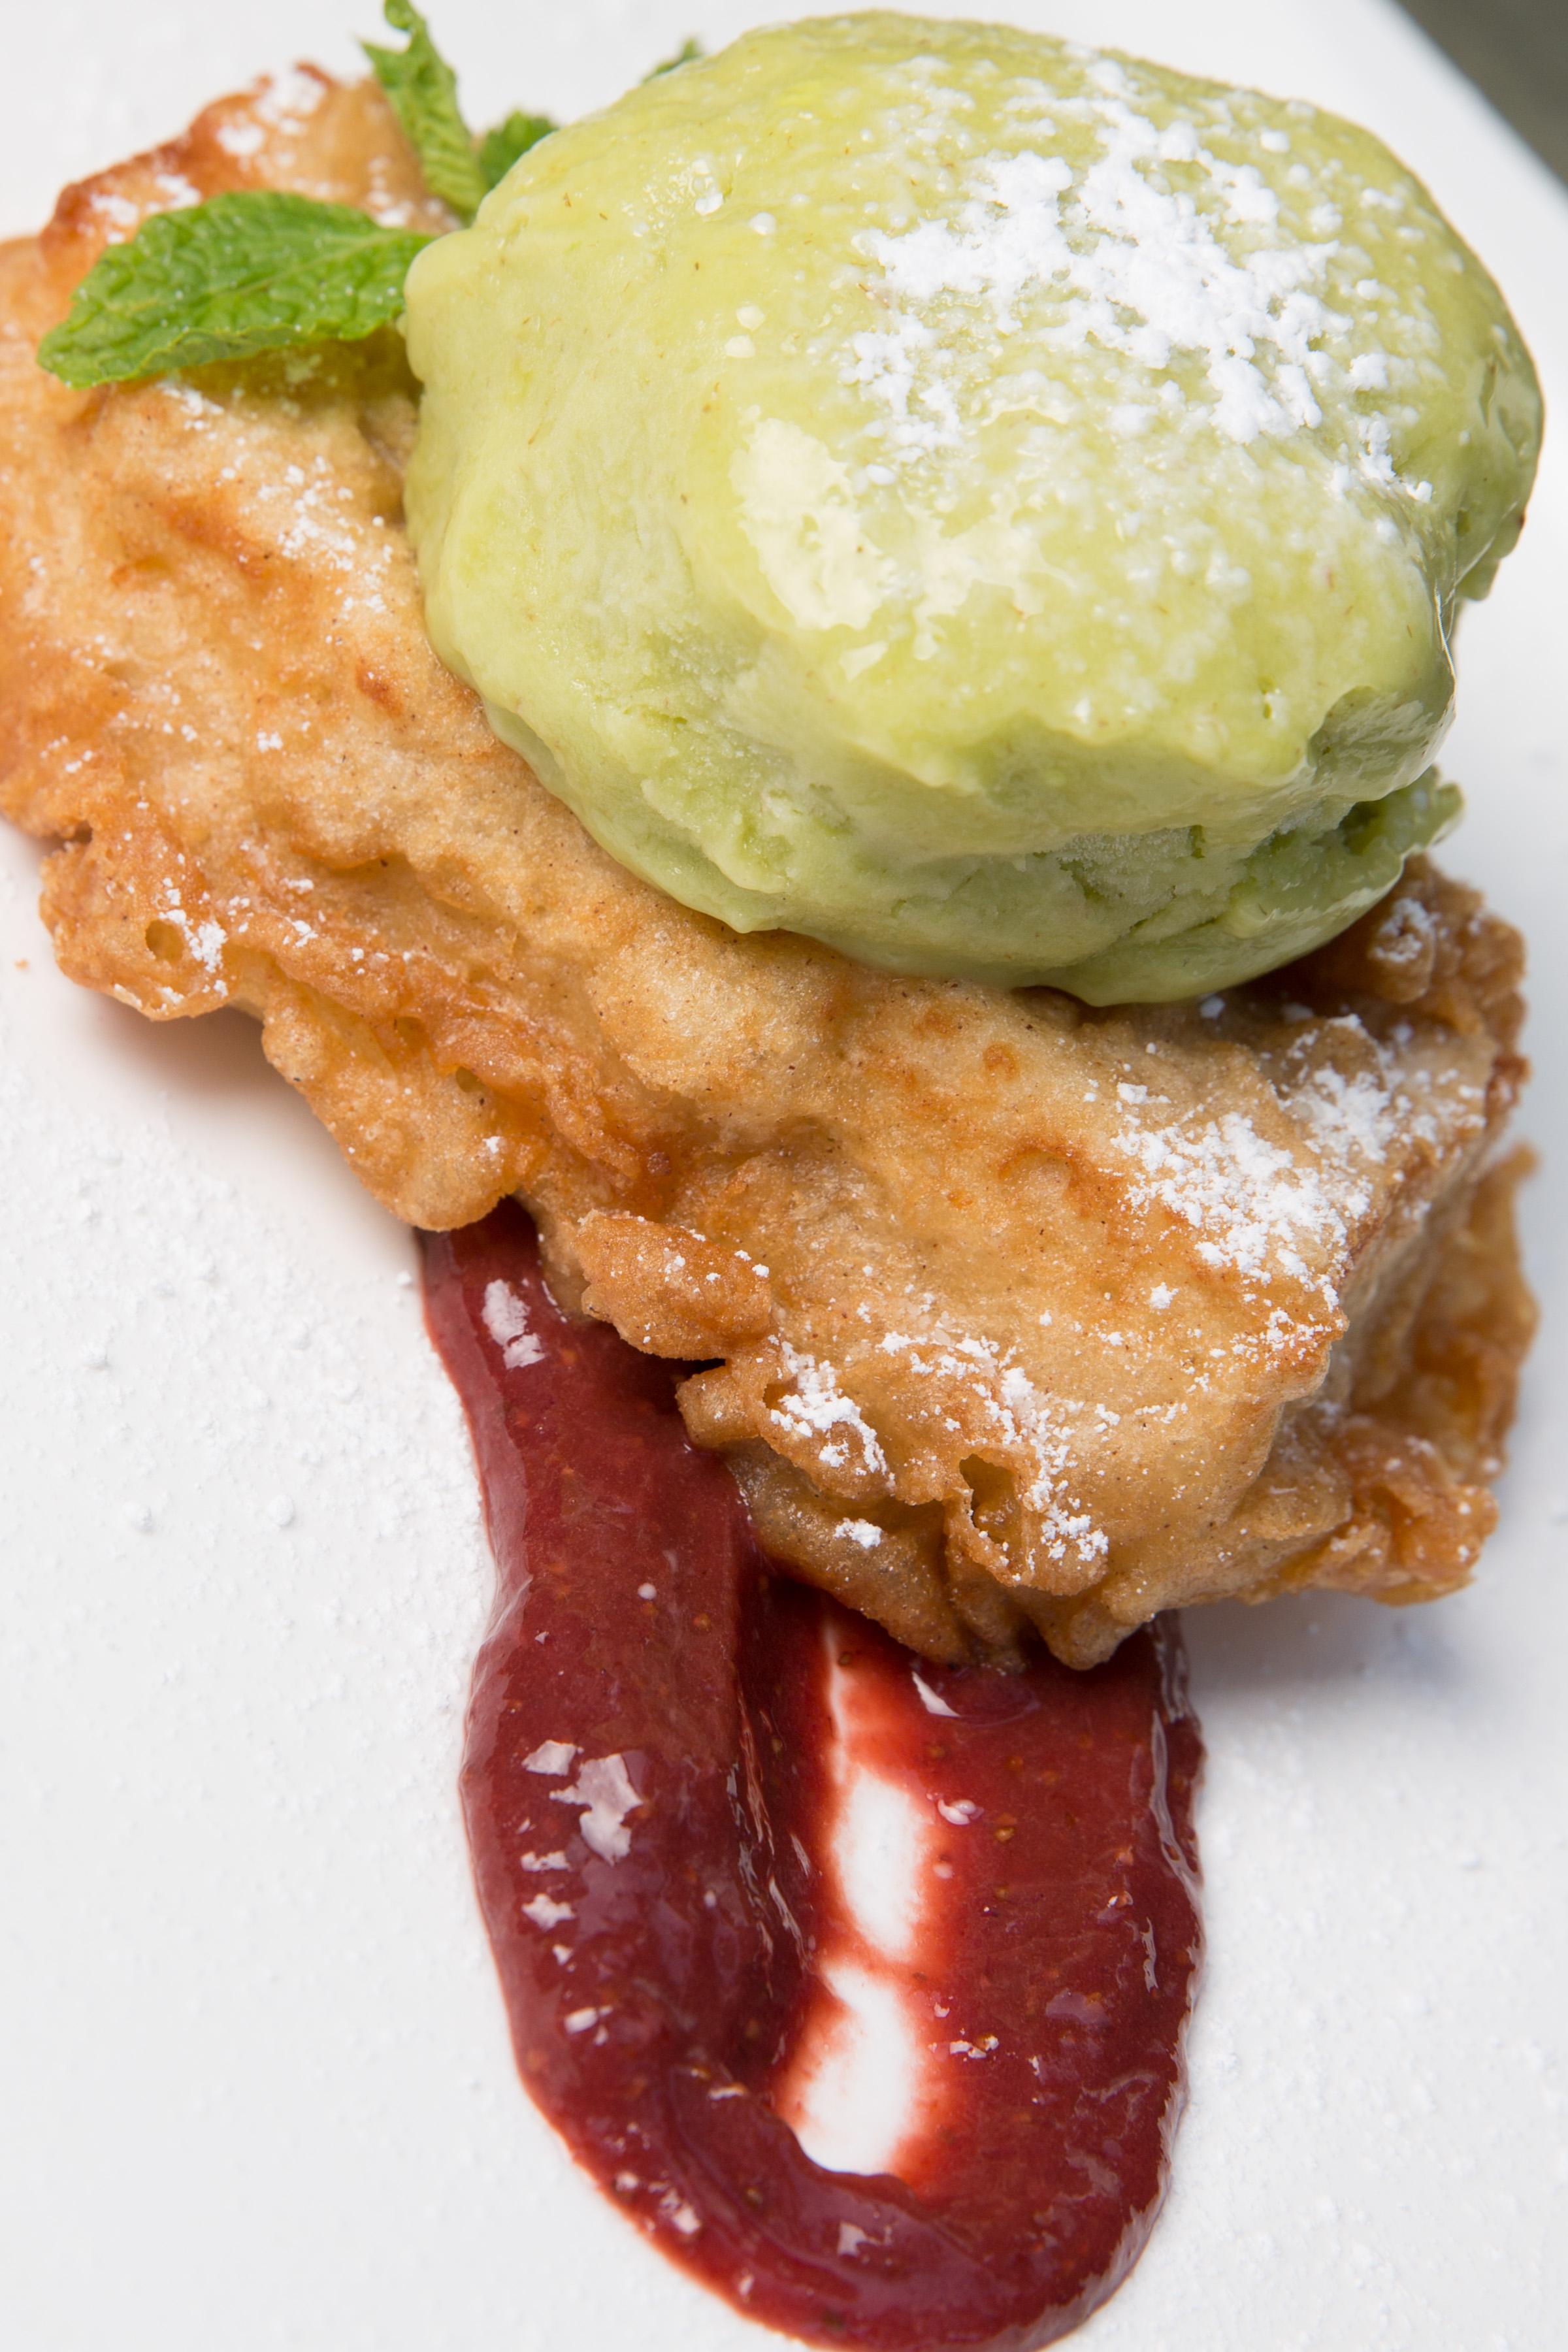 Helado de aguacate sobre brioche en tempura y compota de fresas 2